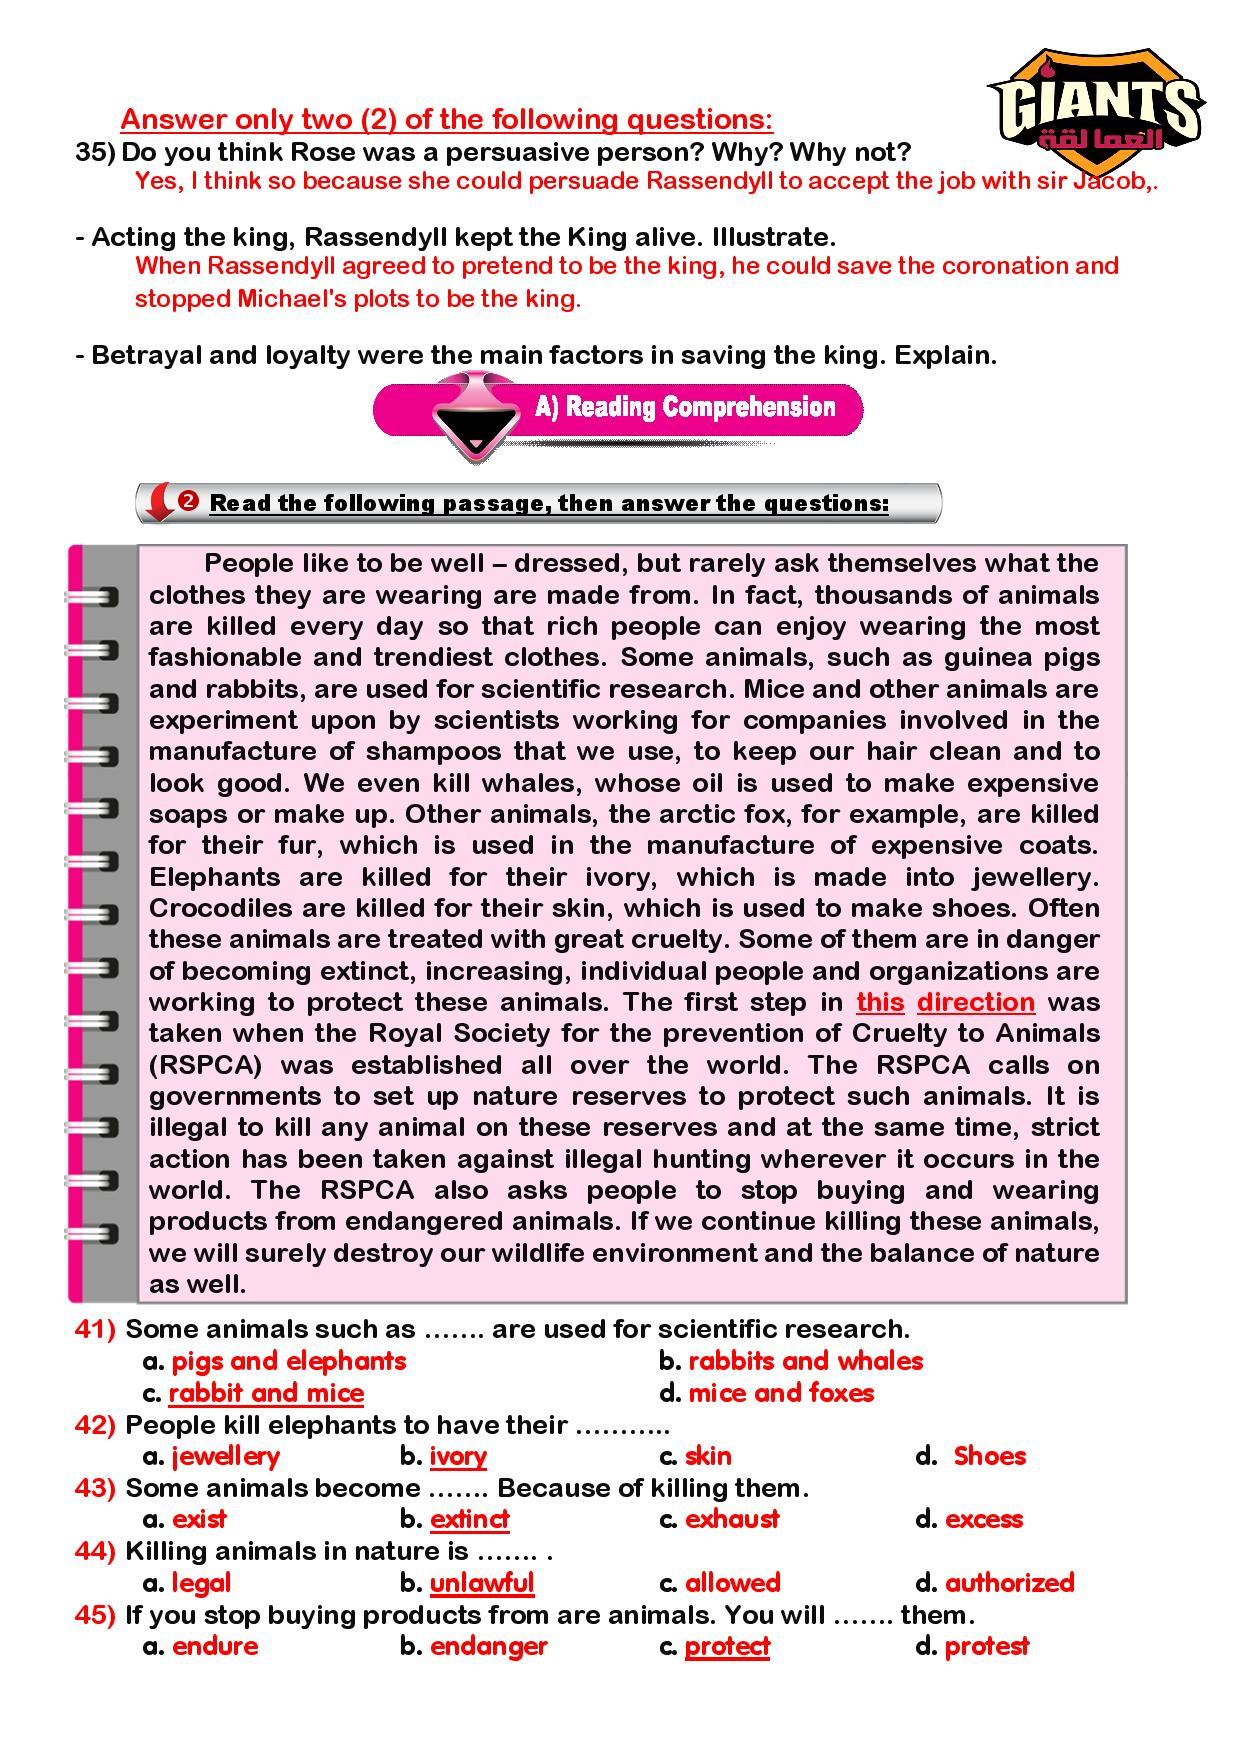 امتحان اللغة الانجليزية الفعلى للصف الثالث الثانوي 3